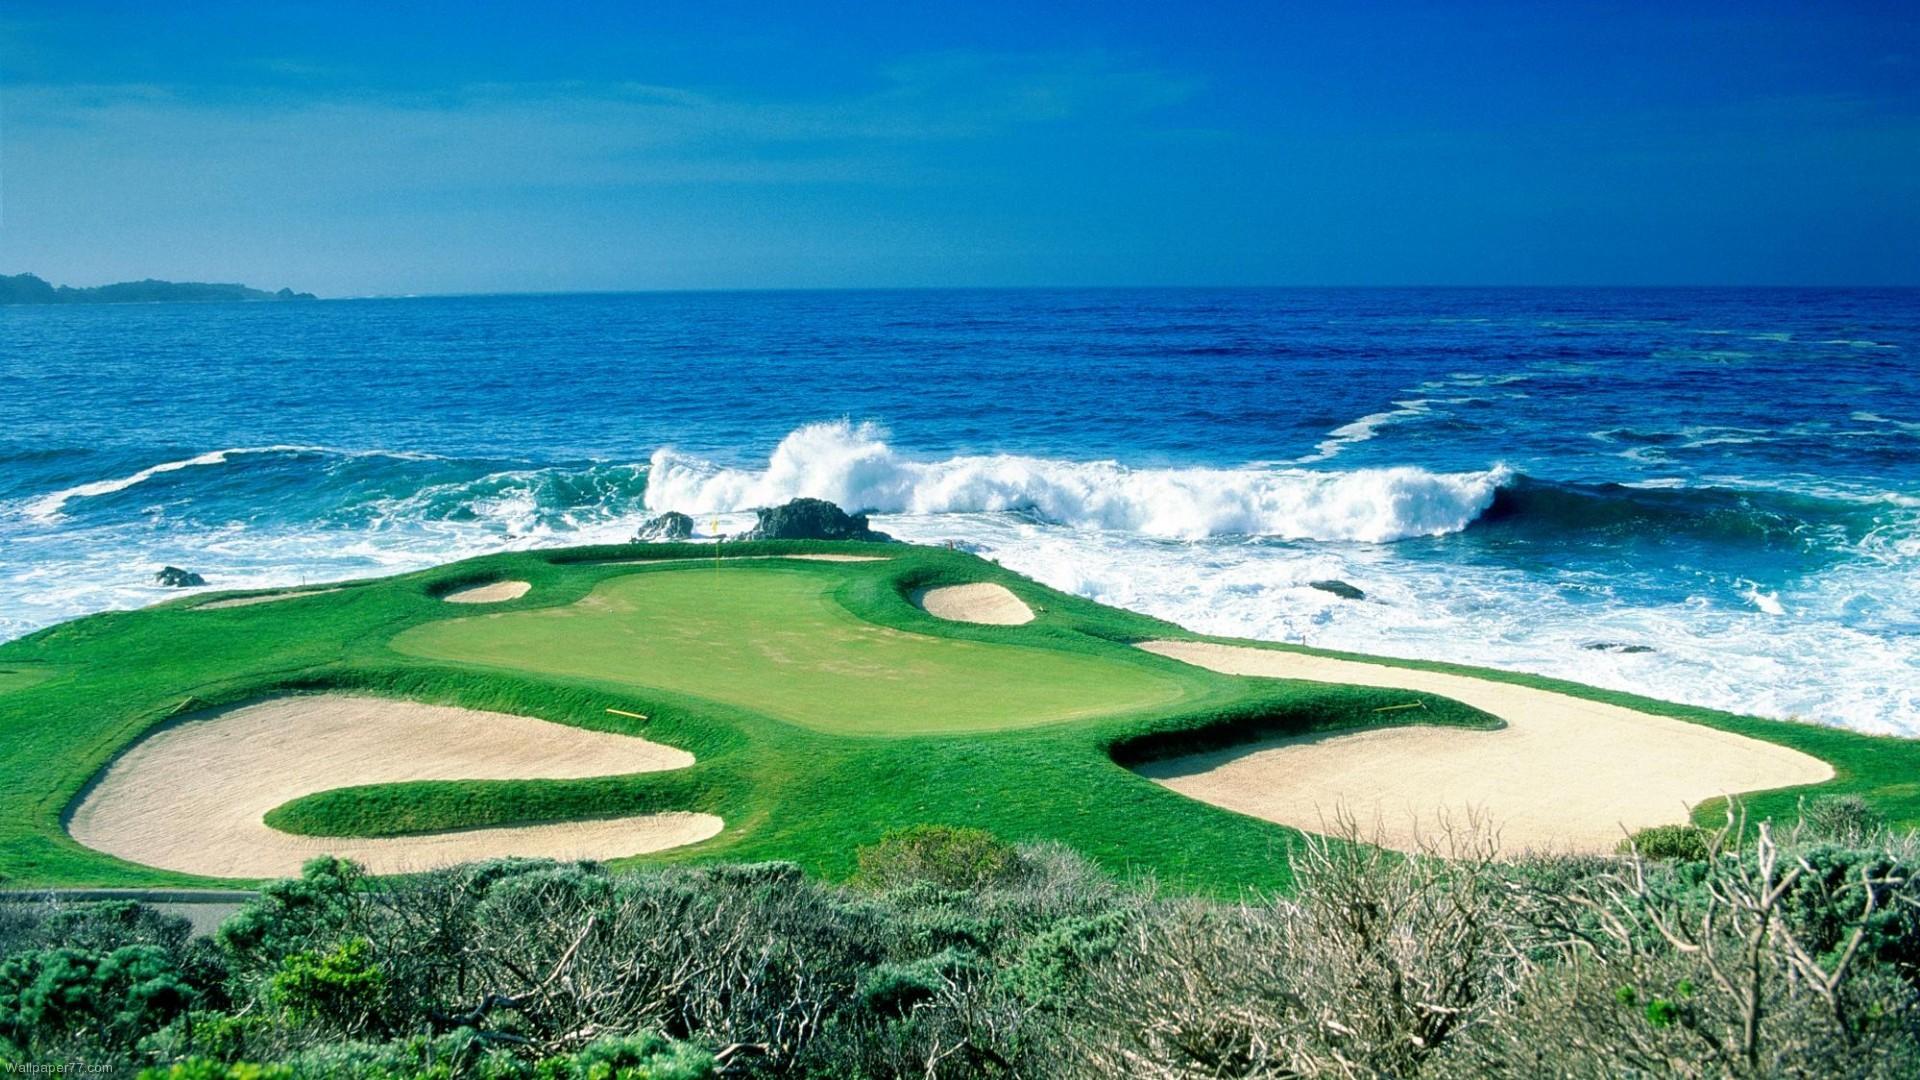 Golf Beach Wallpaper